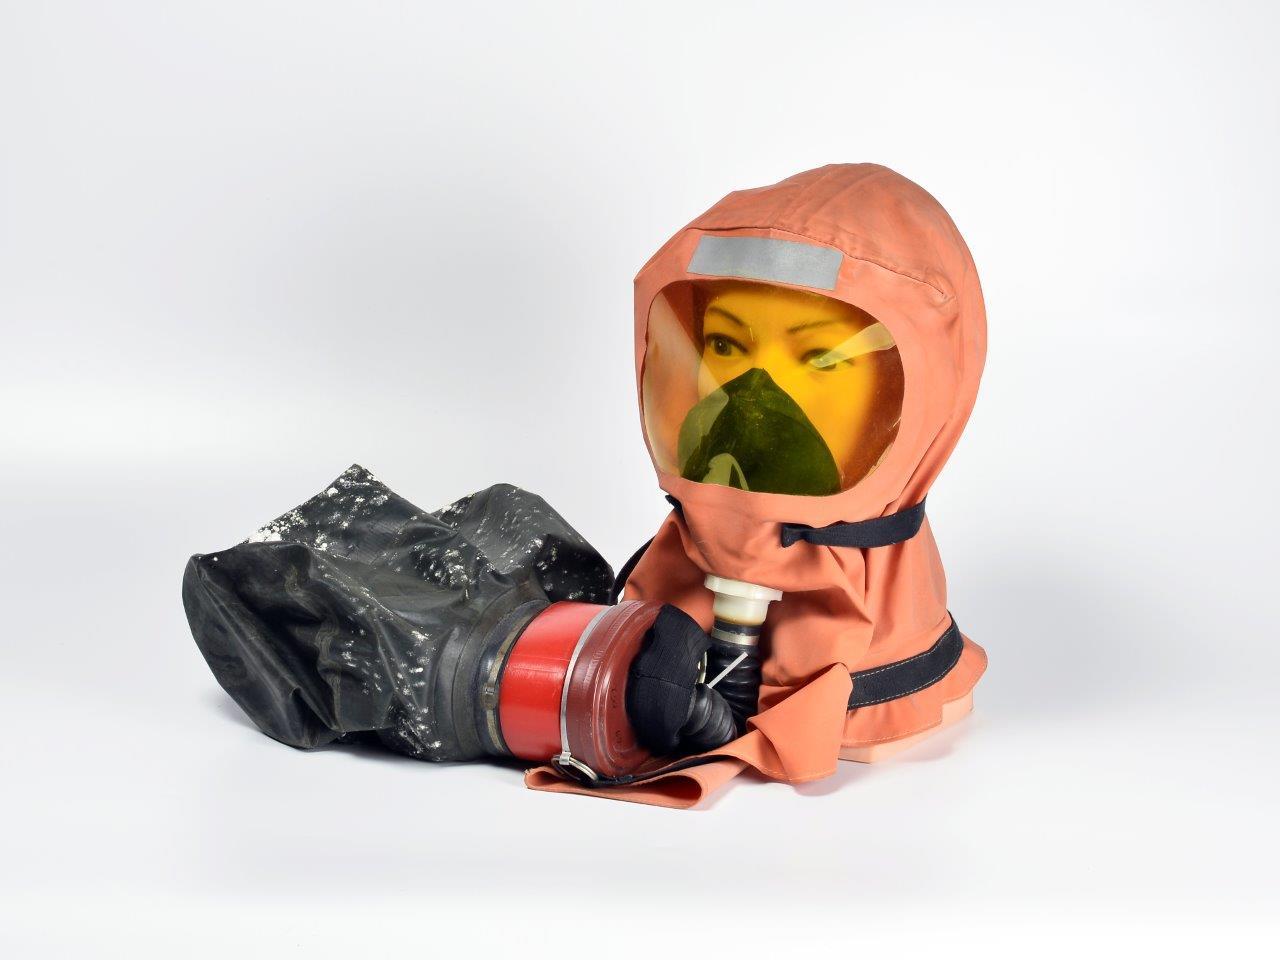 Самоспасатель промышленный изолирующий СПИ-50 50 мин.